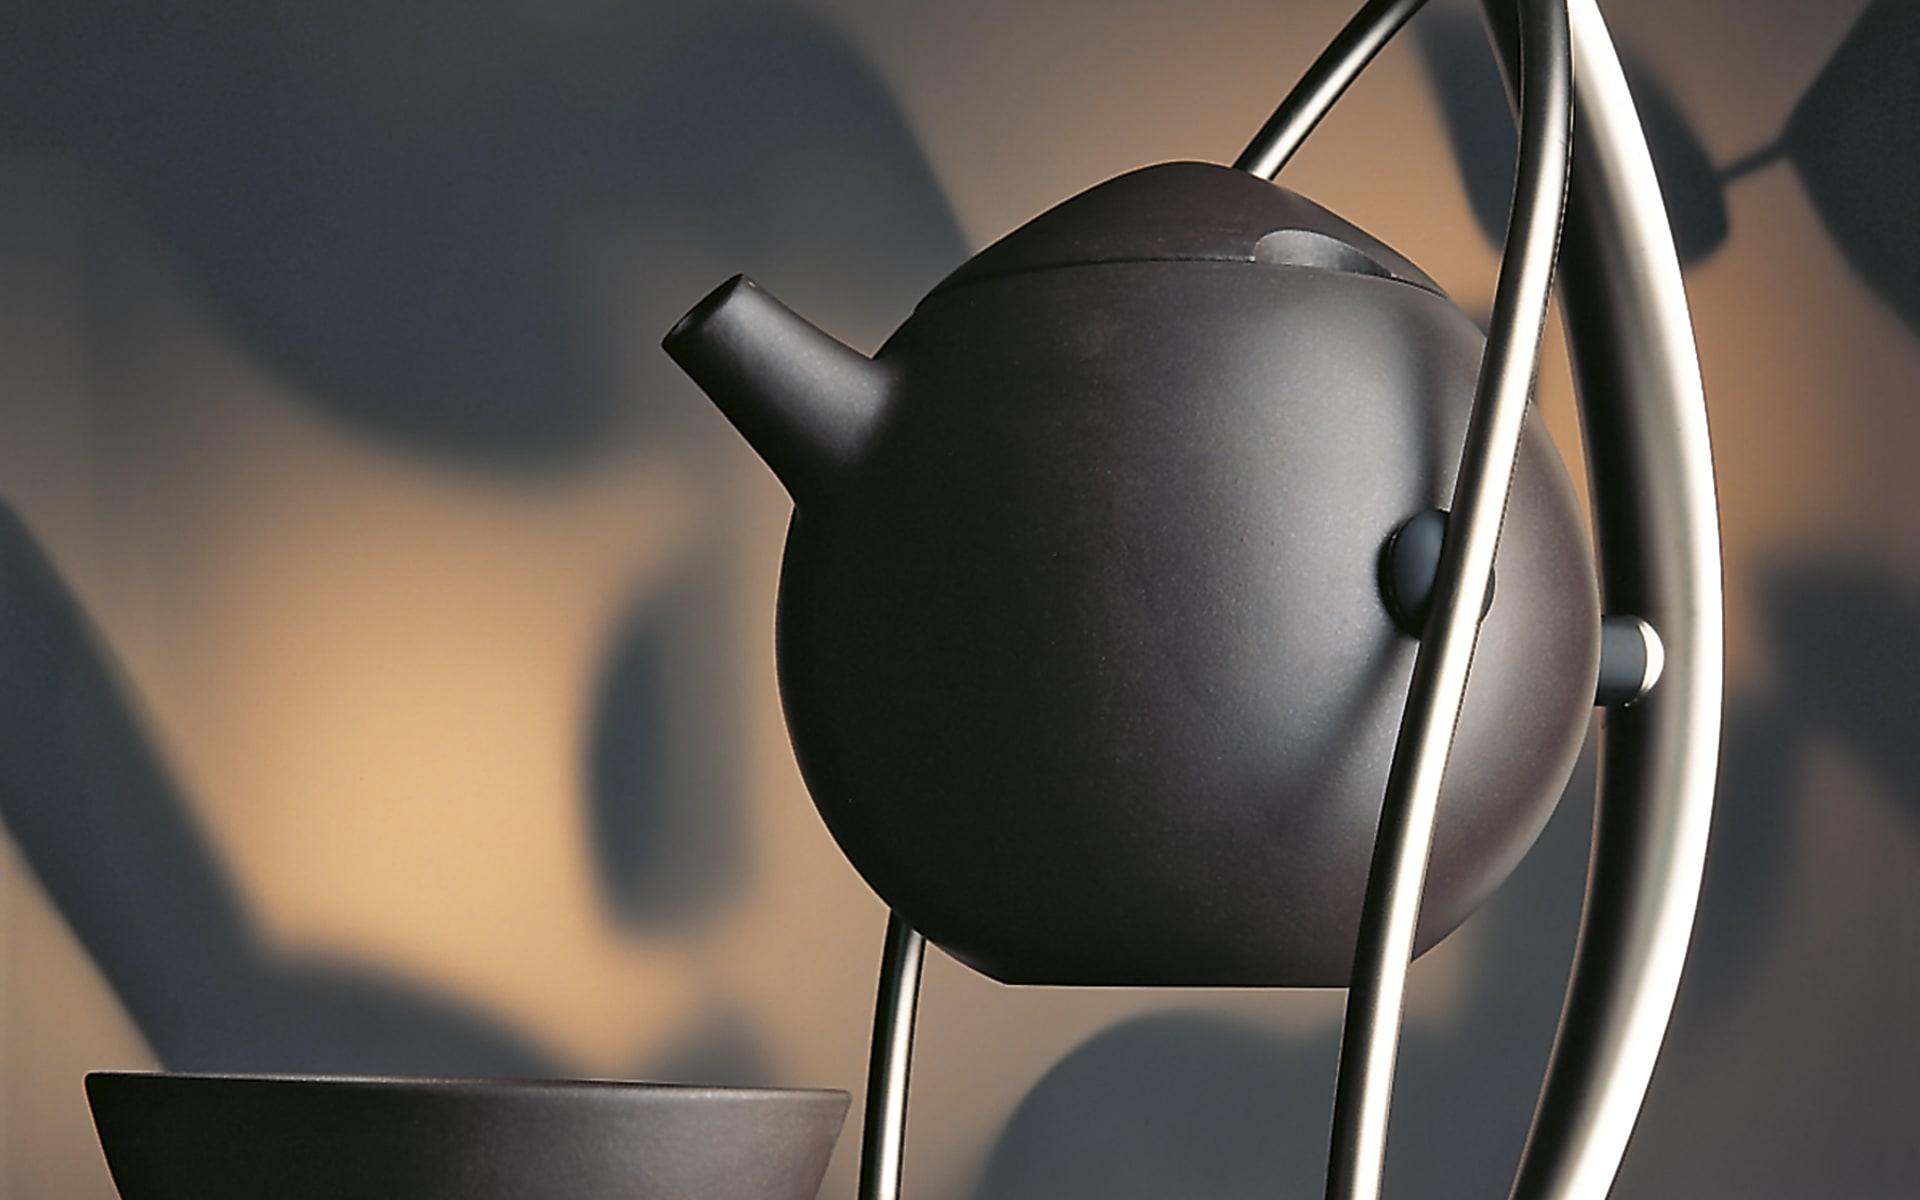 Teeservice No 1 für ITO Originals aus schwarz-brauner Keramik und Metall, 1993 entworfen